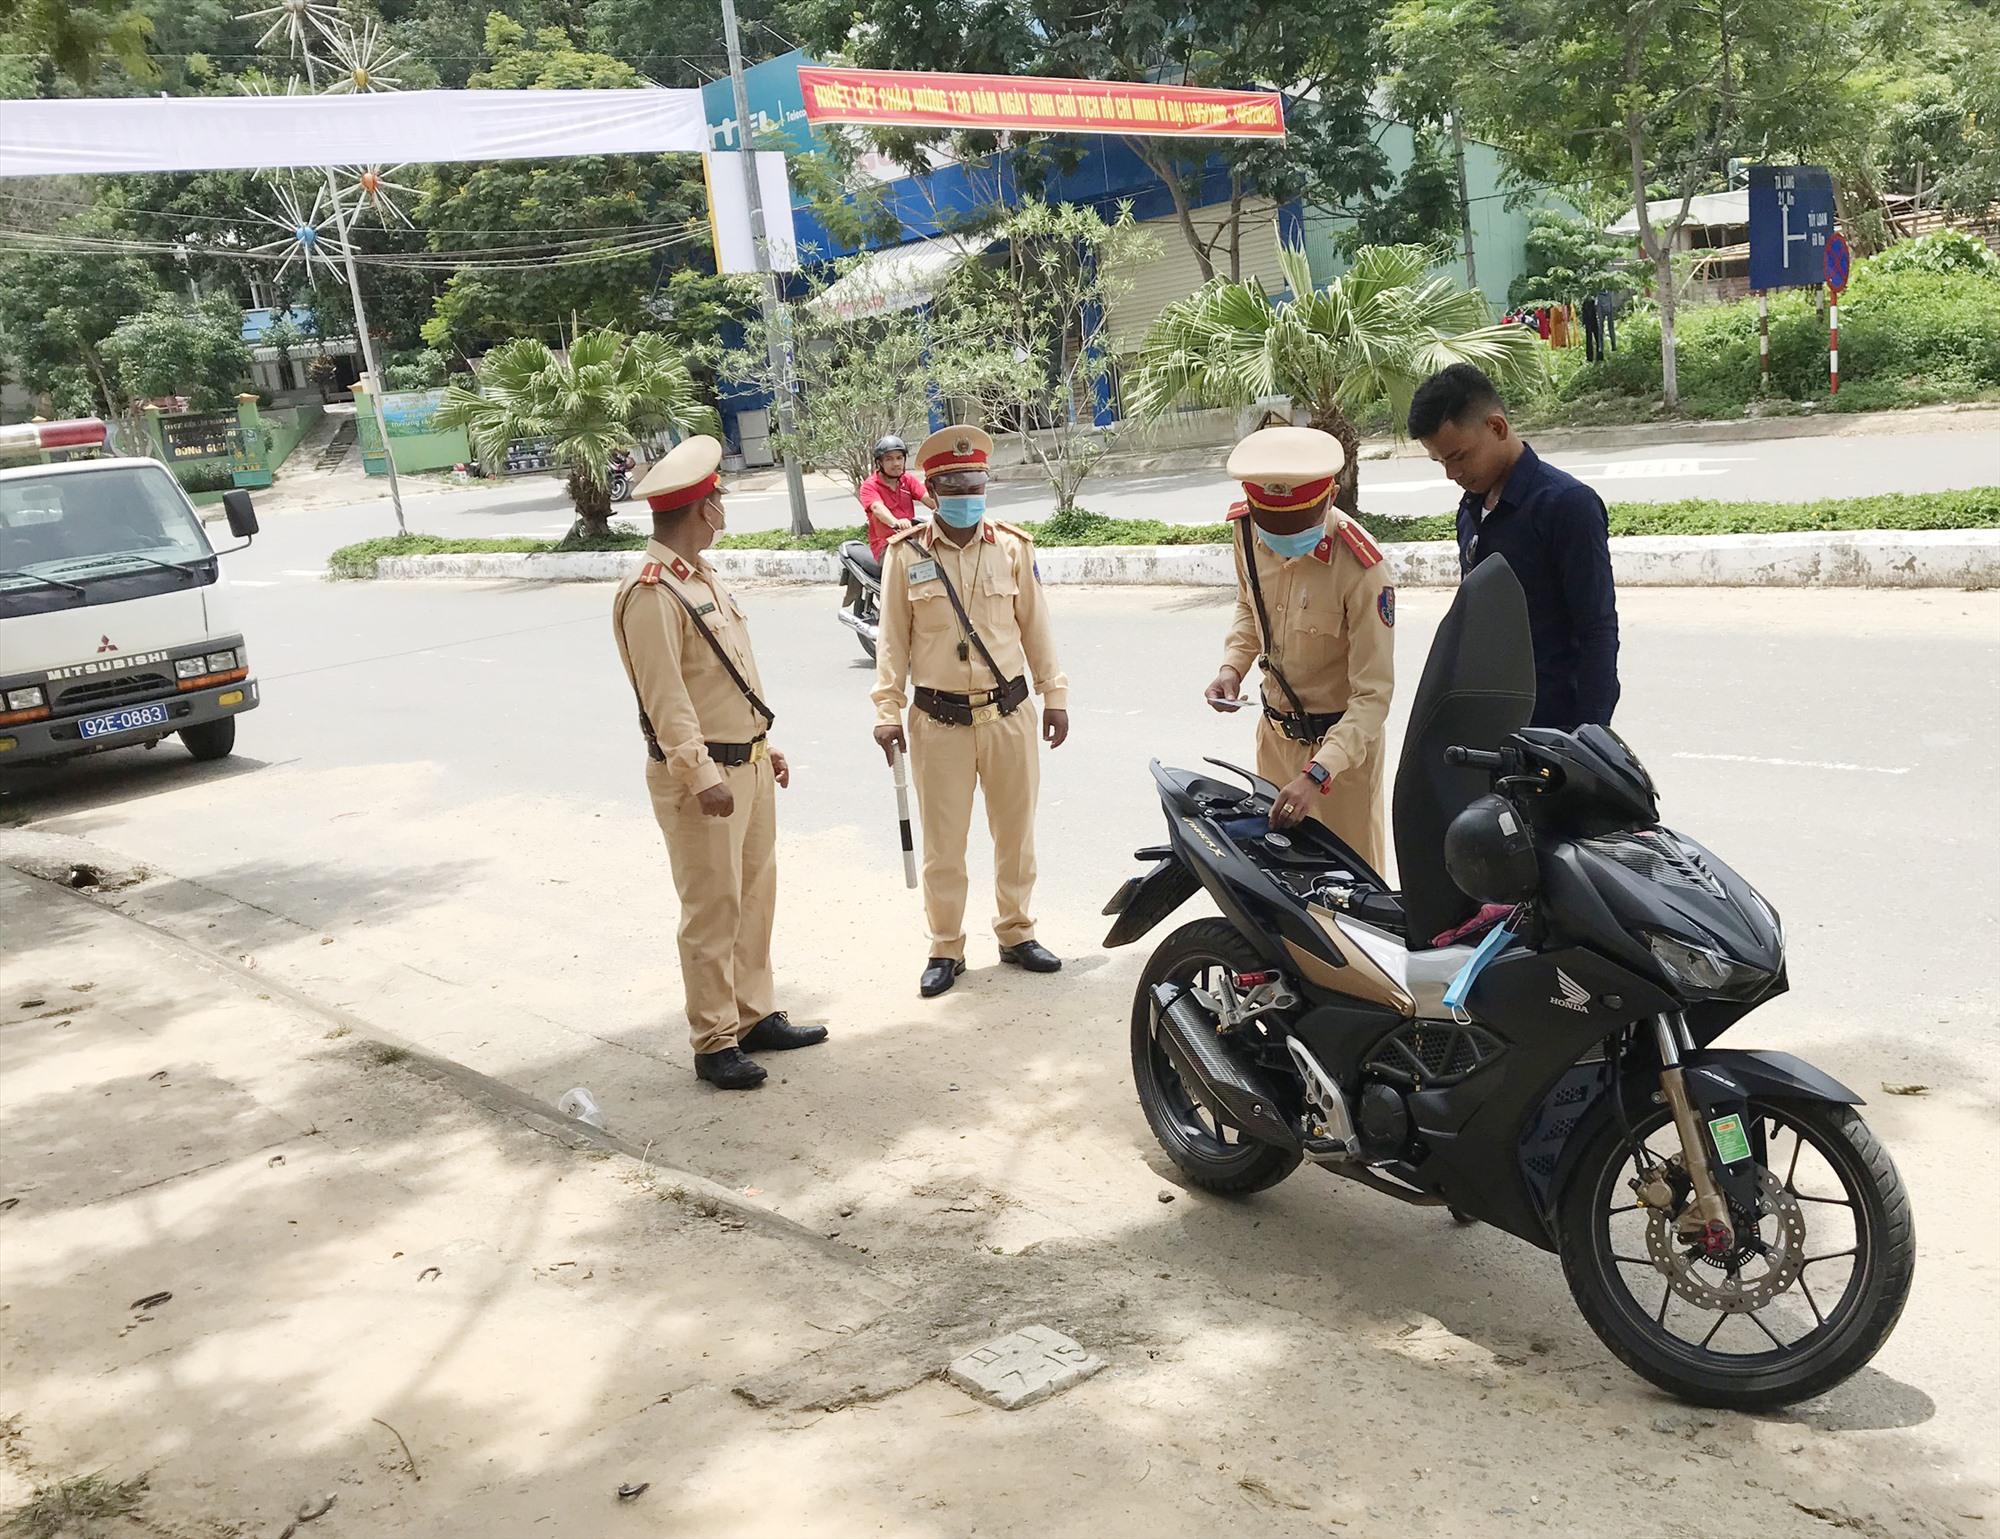 Lực lượng CSGT Đông Giang thực hiện tổng kiểm soát phương tiện đường bộ. Ảnh: C.T